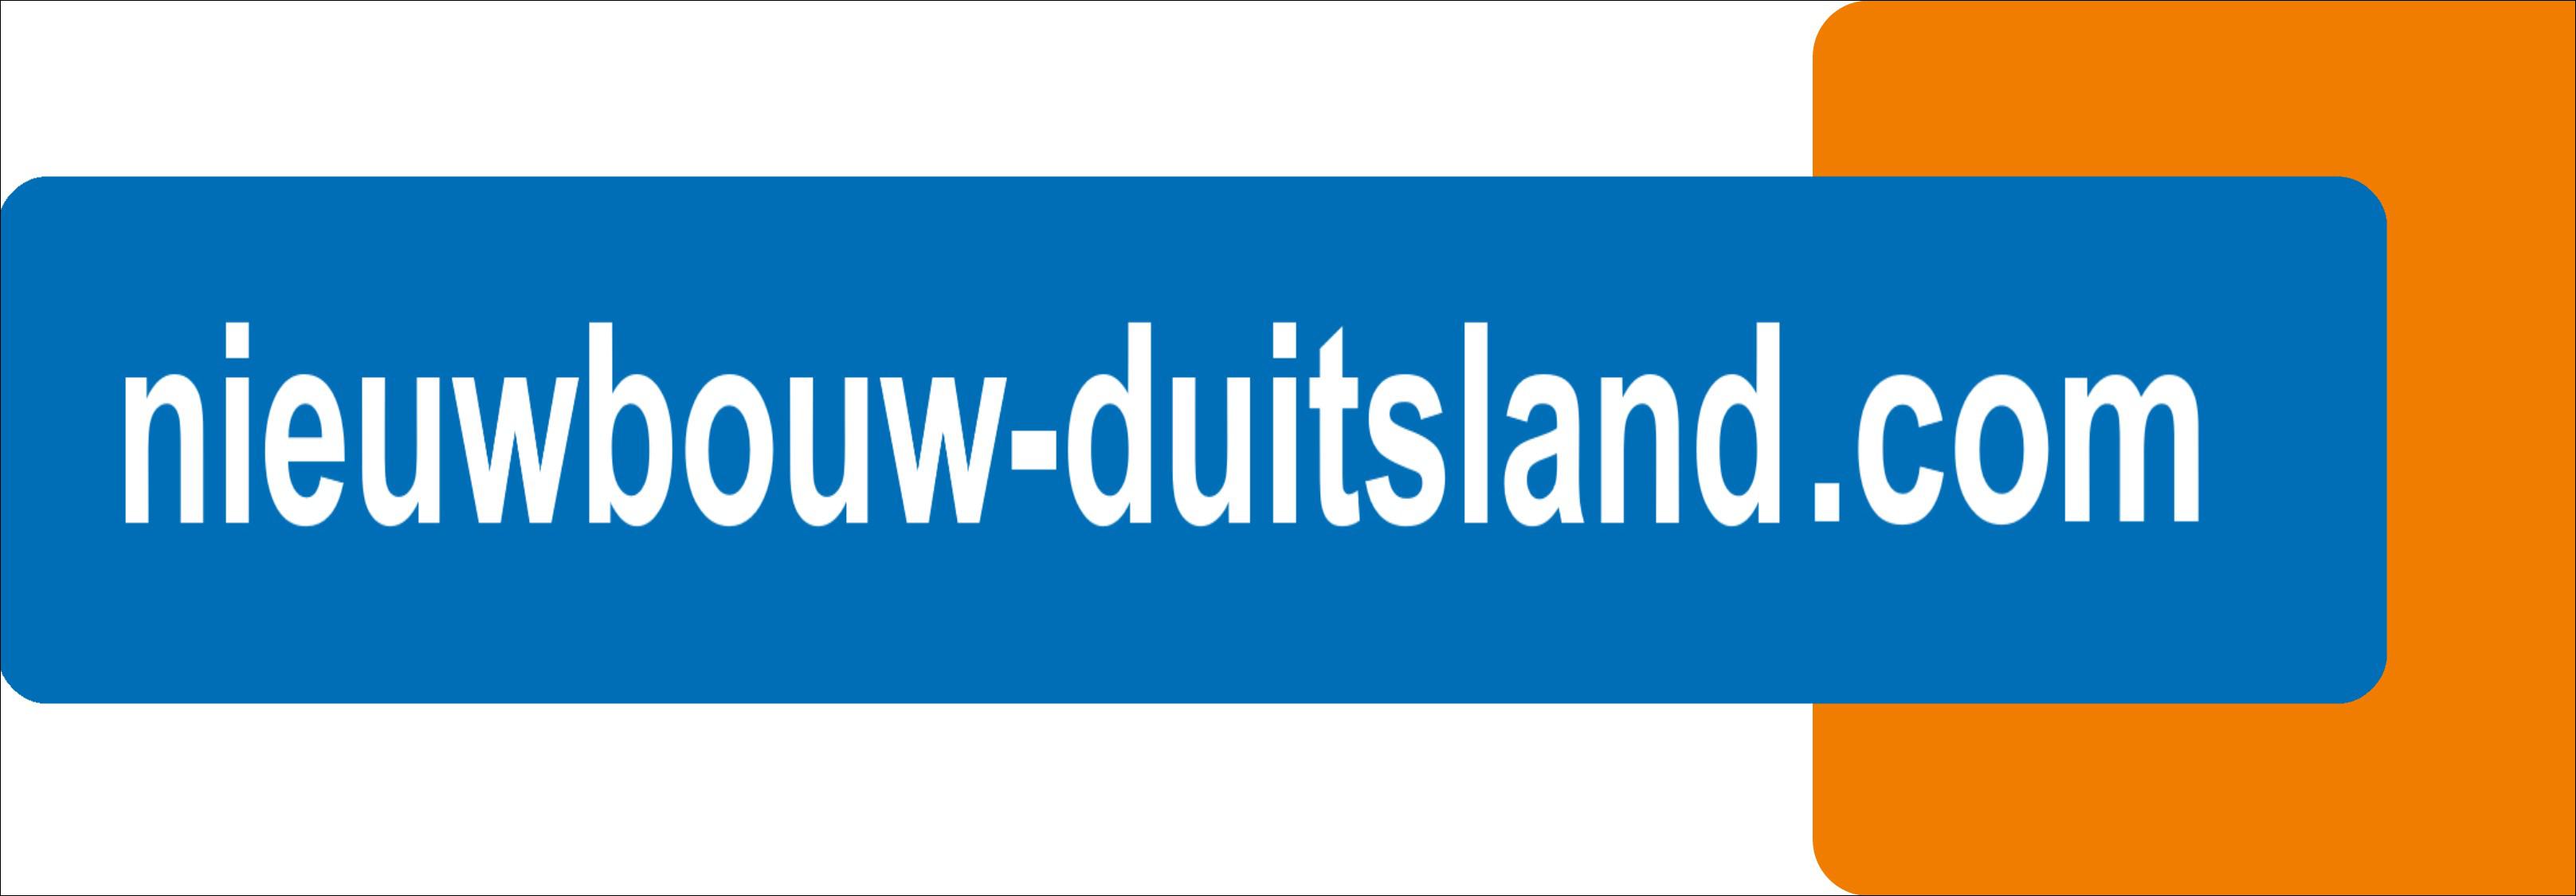 nieuwbouw-duitsland.com